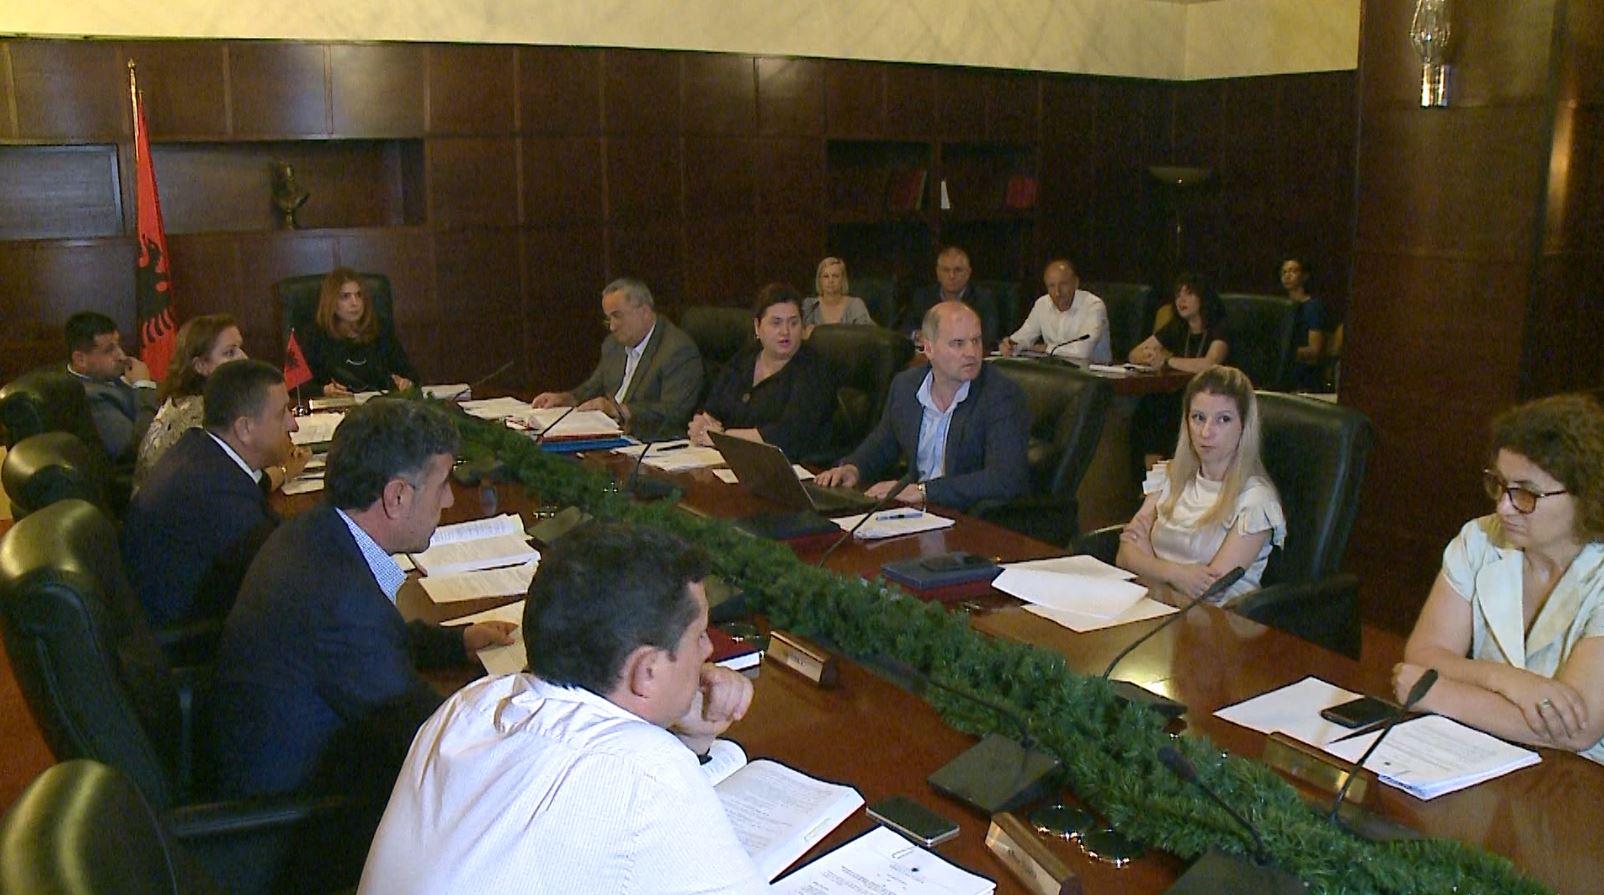 Gara për tre anëtarë të Gjykatës së Lartë, KLGJ miraton vetëm 8 kandidatë